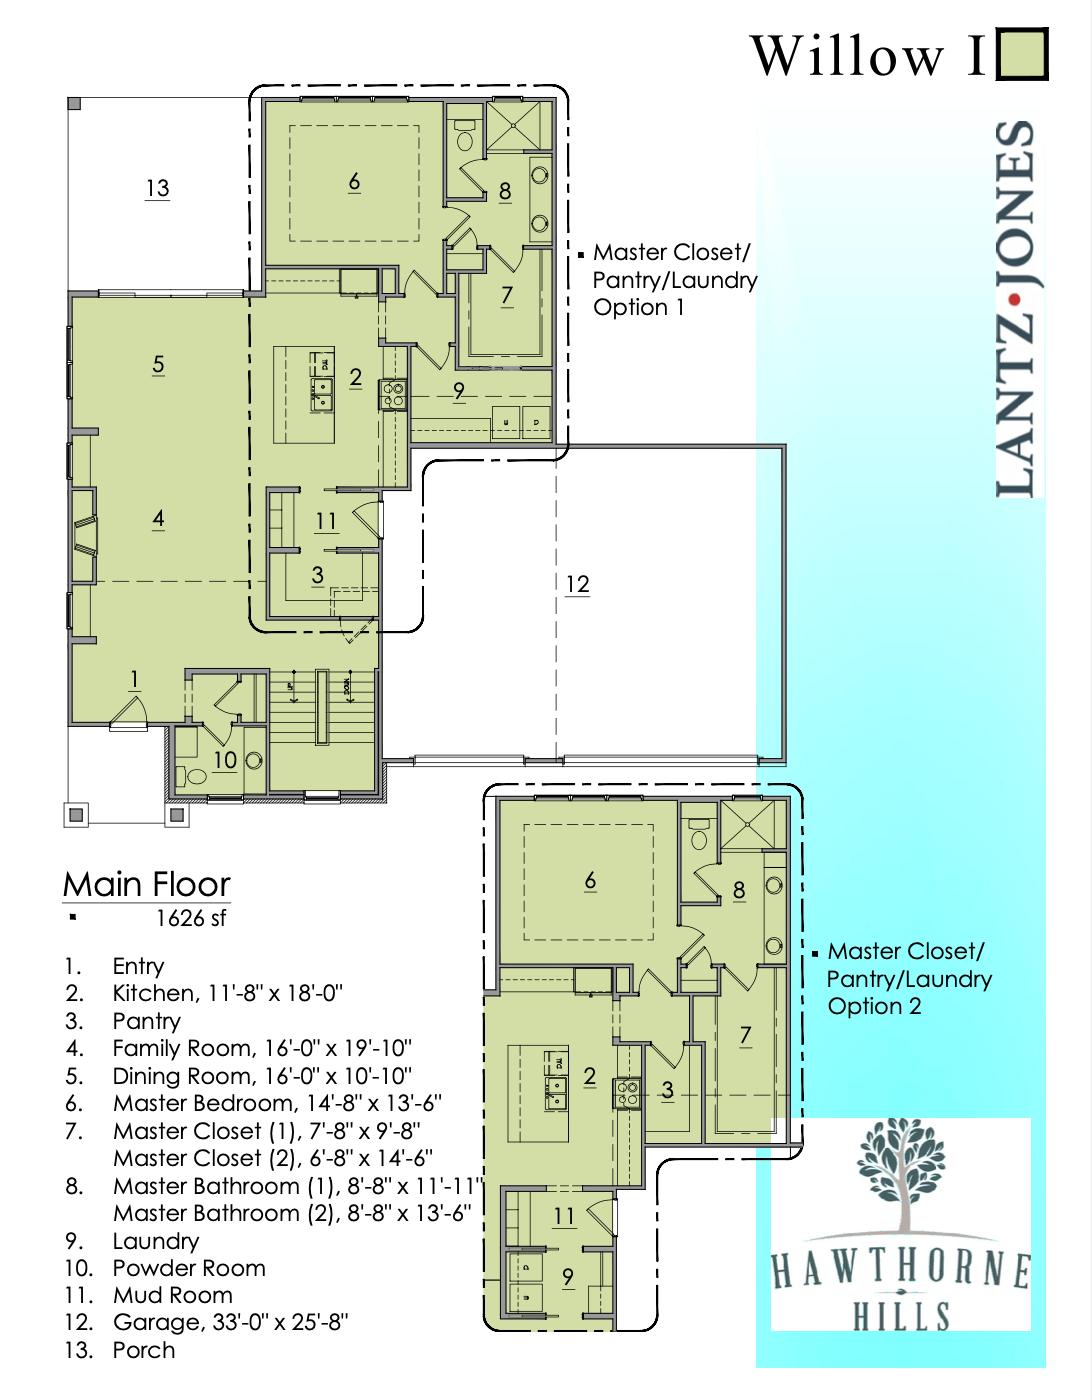 Willow 1 Main Floor